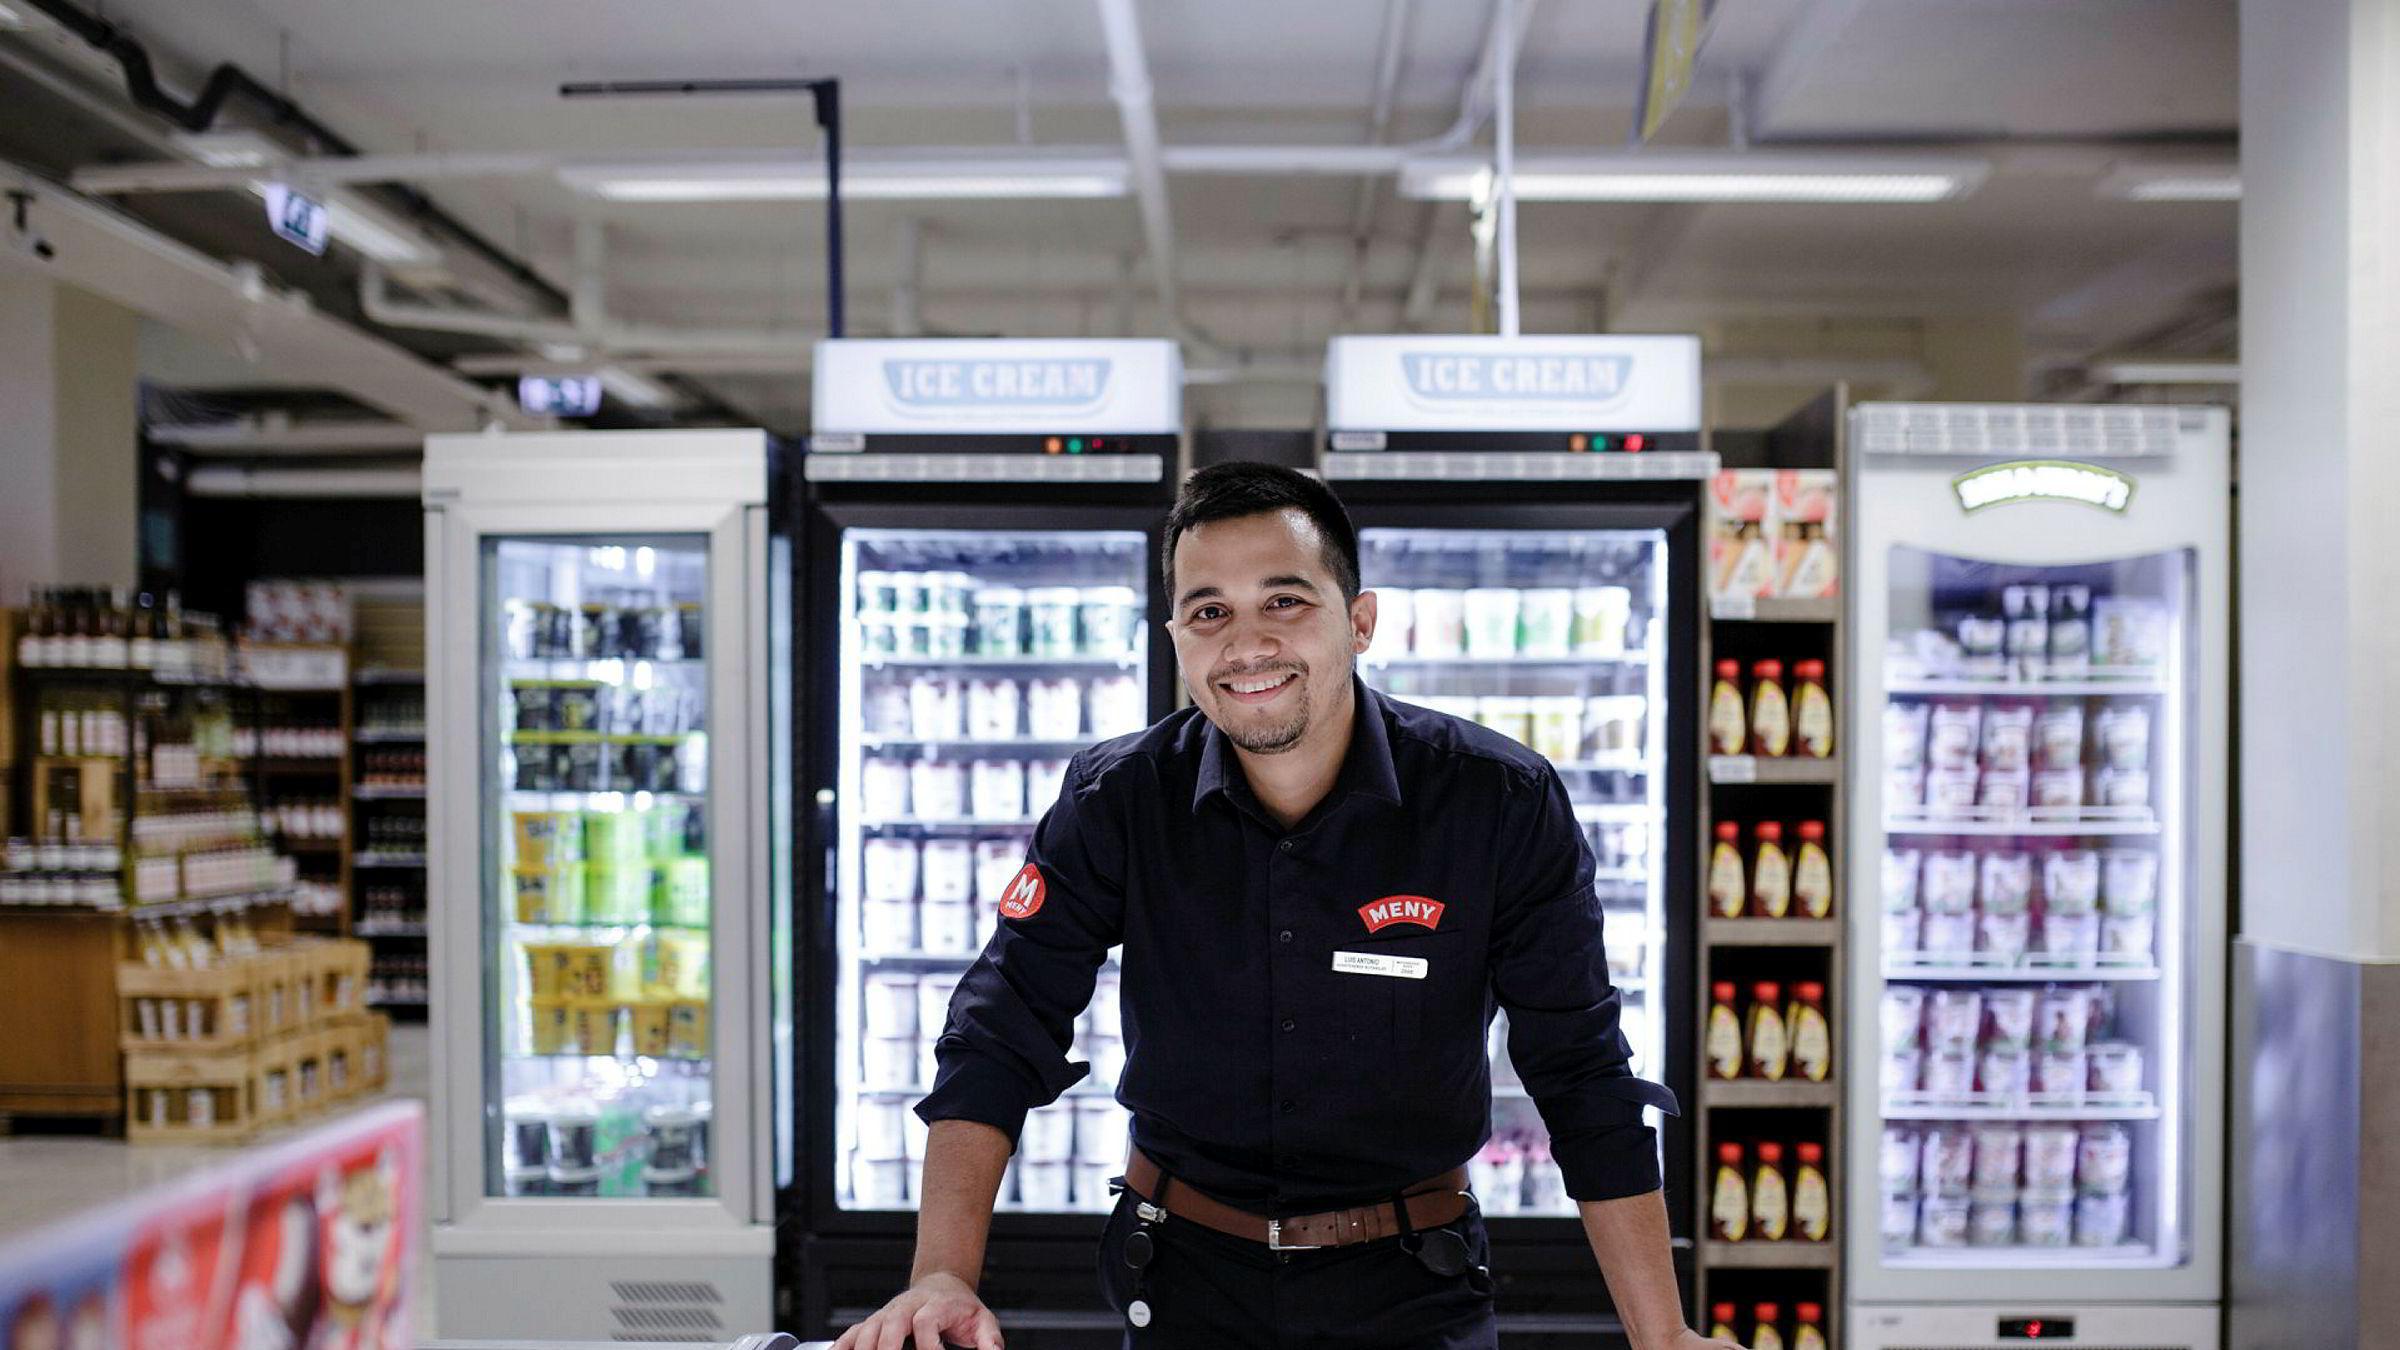 Assisterende butikksjef Luis Antonio Reyes (26) ved Meny Colosseum forteller at de i år har økt salget av is med 35-40 prosent.